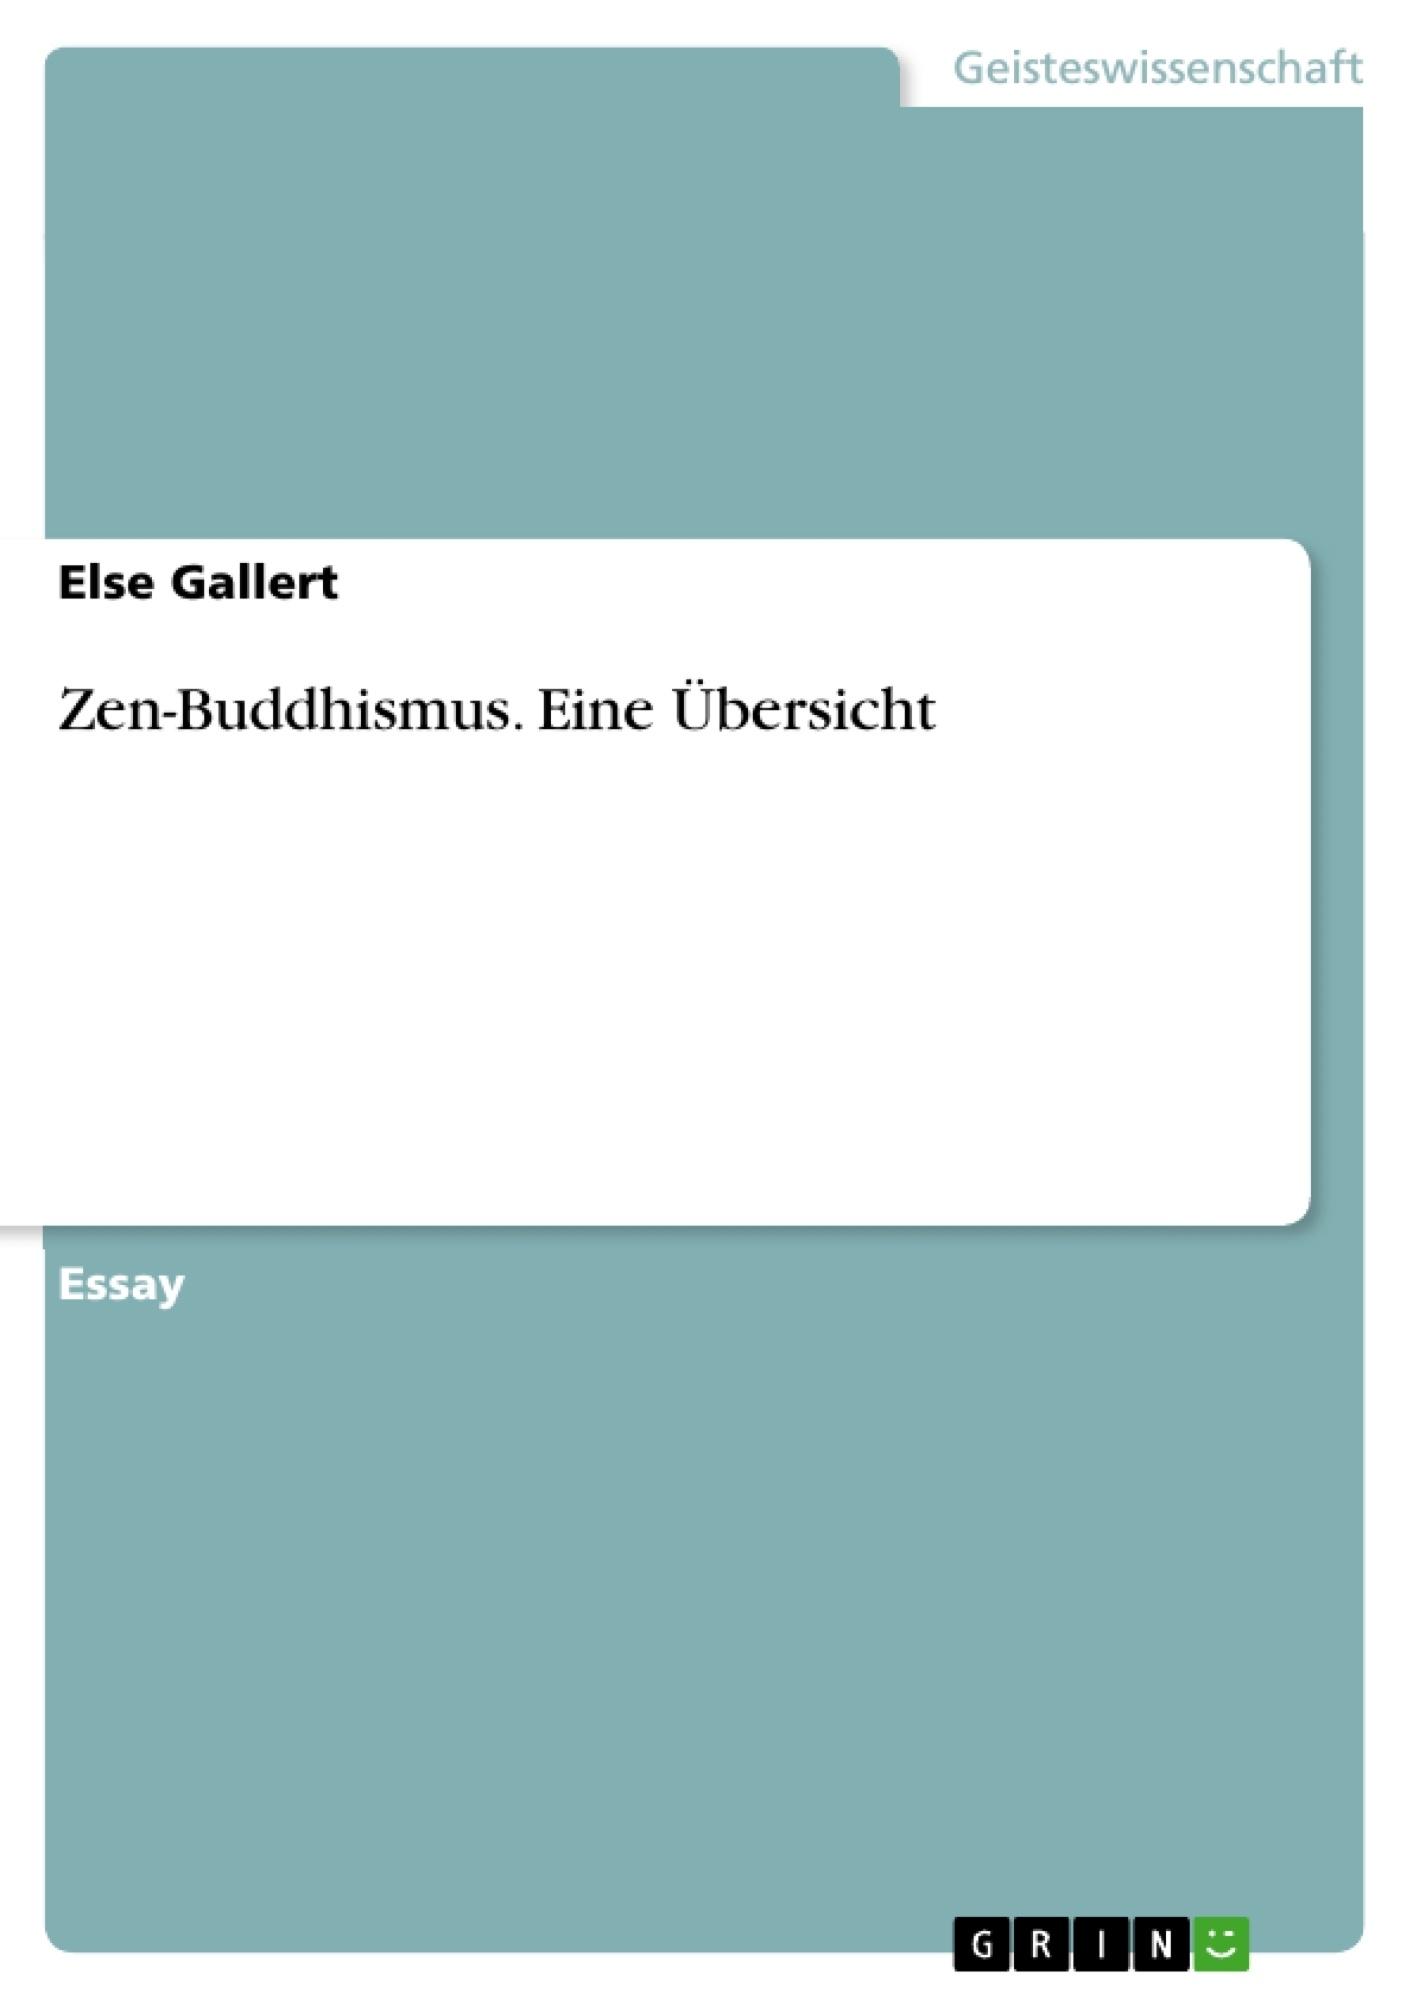 Titel: Zen-Buddhismus. Eine Übersicht